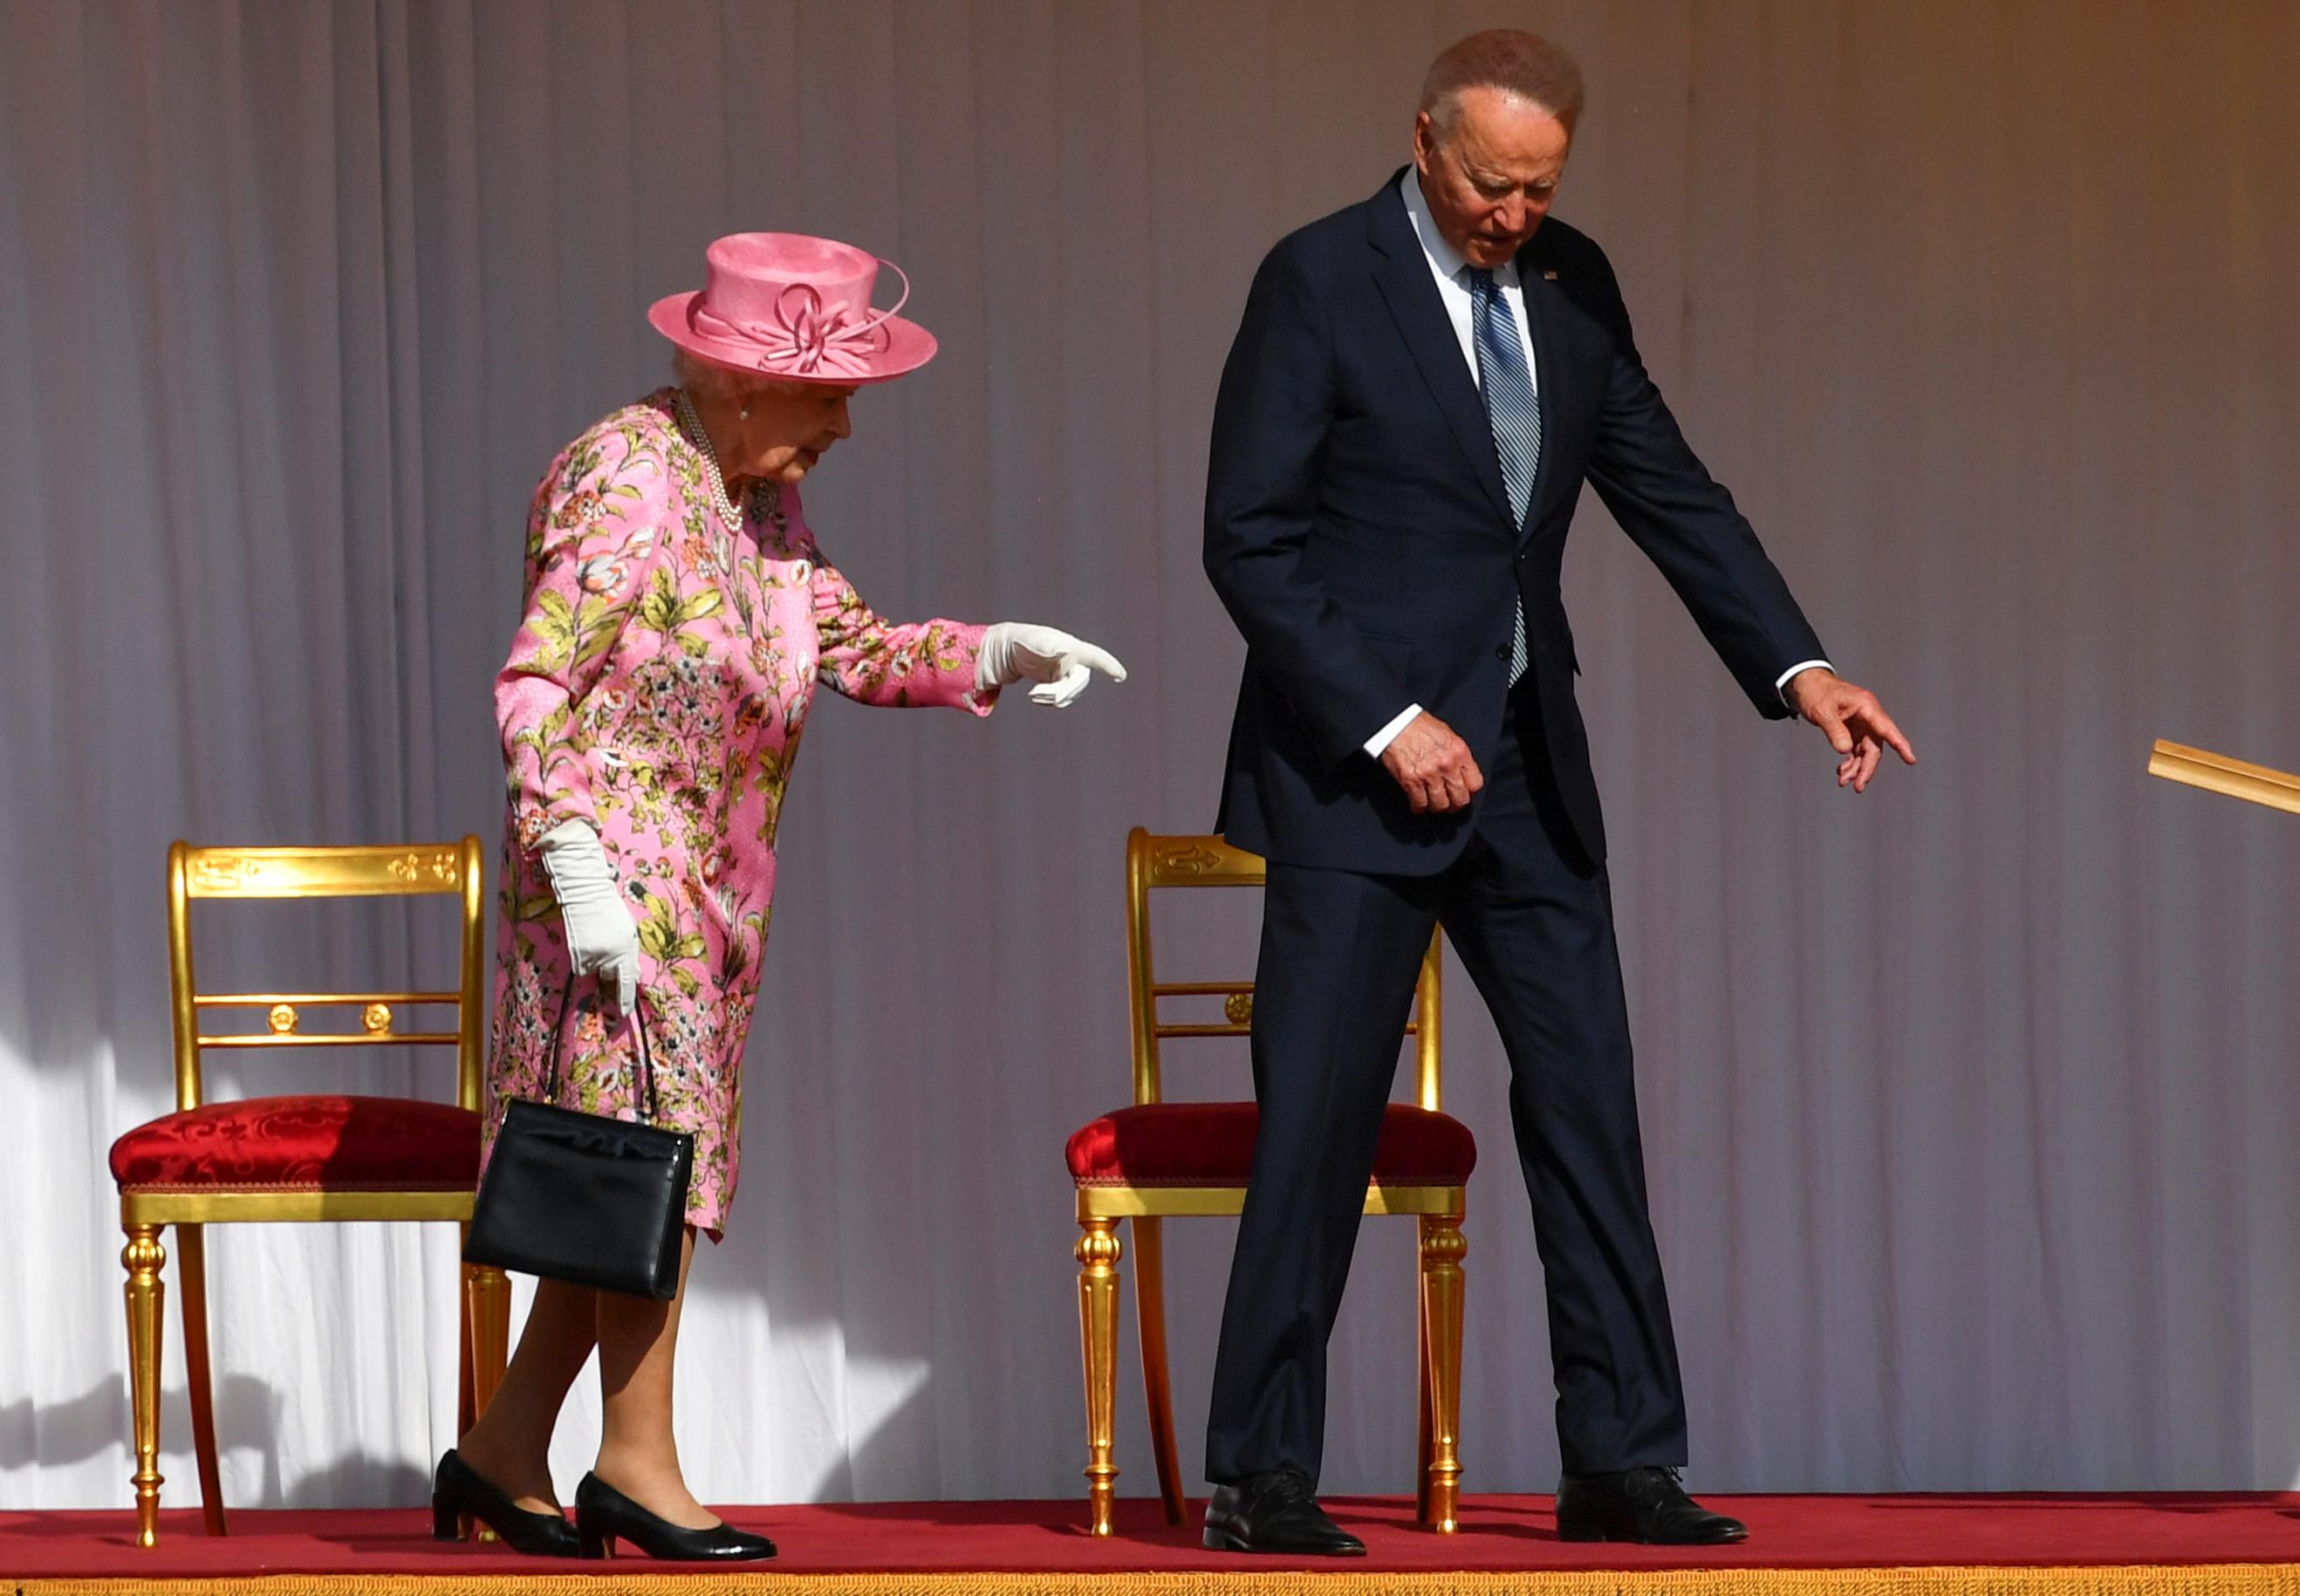 U.S. President Joe Biden walks in front of Britain's Queen Elizabeth, at Windsor Castle in Windsor, Britain, June 13, 2021. REUTERS/Dylan Martinez